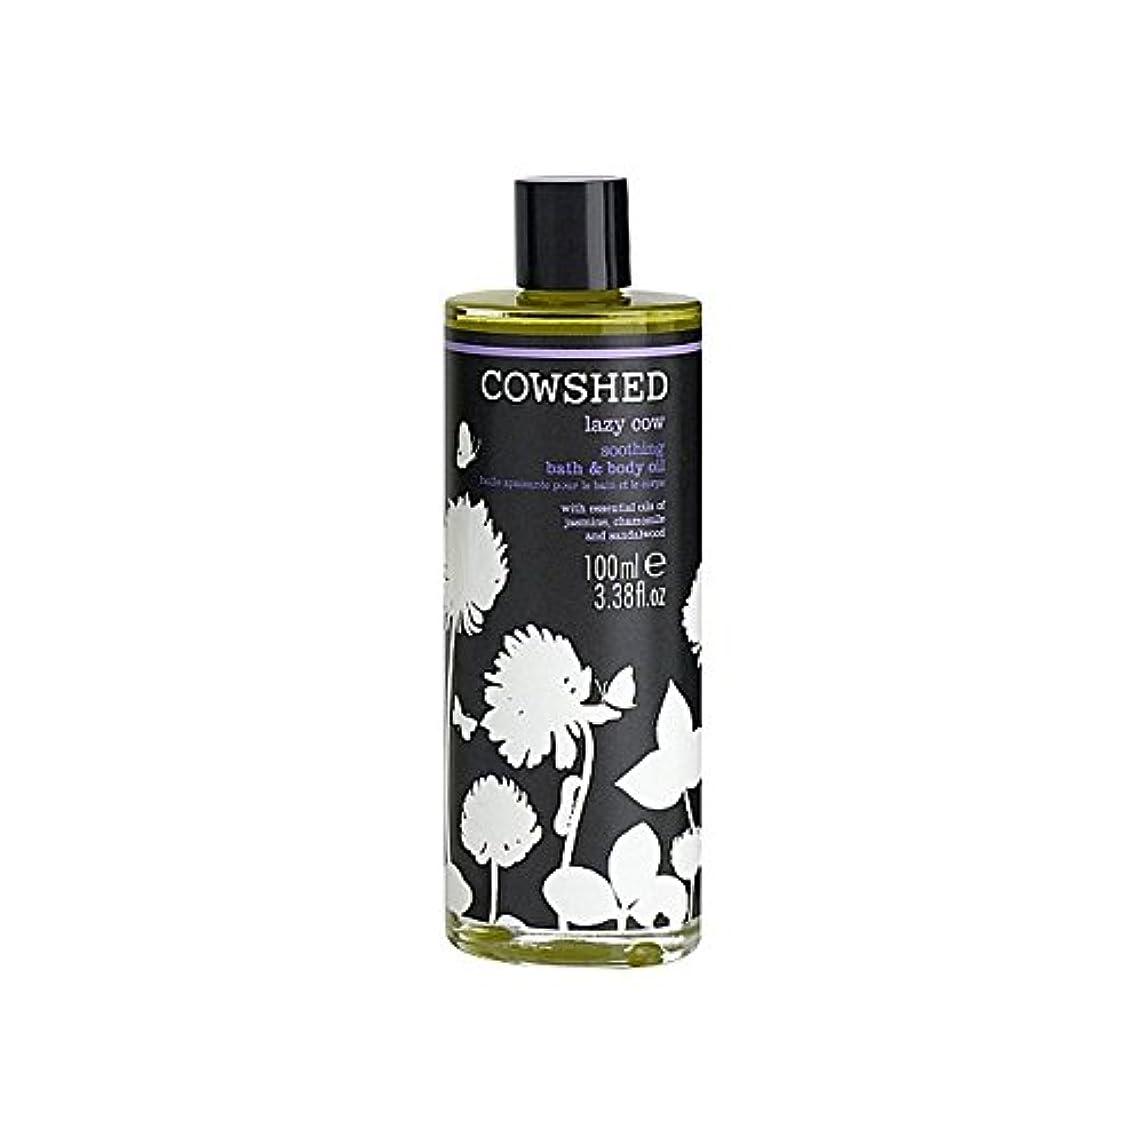 不快な内部蒸発するバス&ボディオイル100ミリリットルをなだめる牛舎怠惰な牛 x2 - Cowshed Lazy Cow Soothing Bath & Body Oil 100ml (Pack of 2) [並行輸入品]